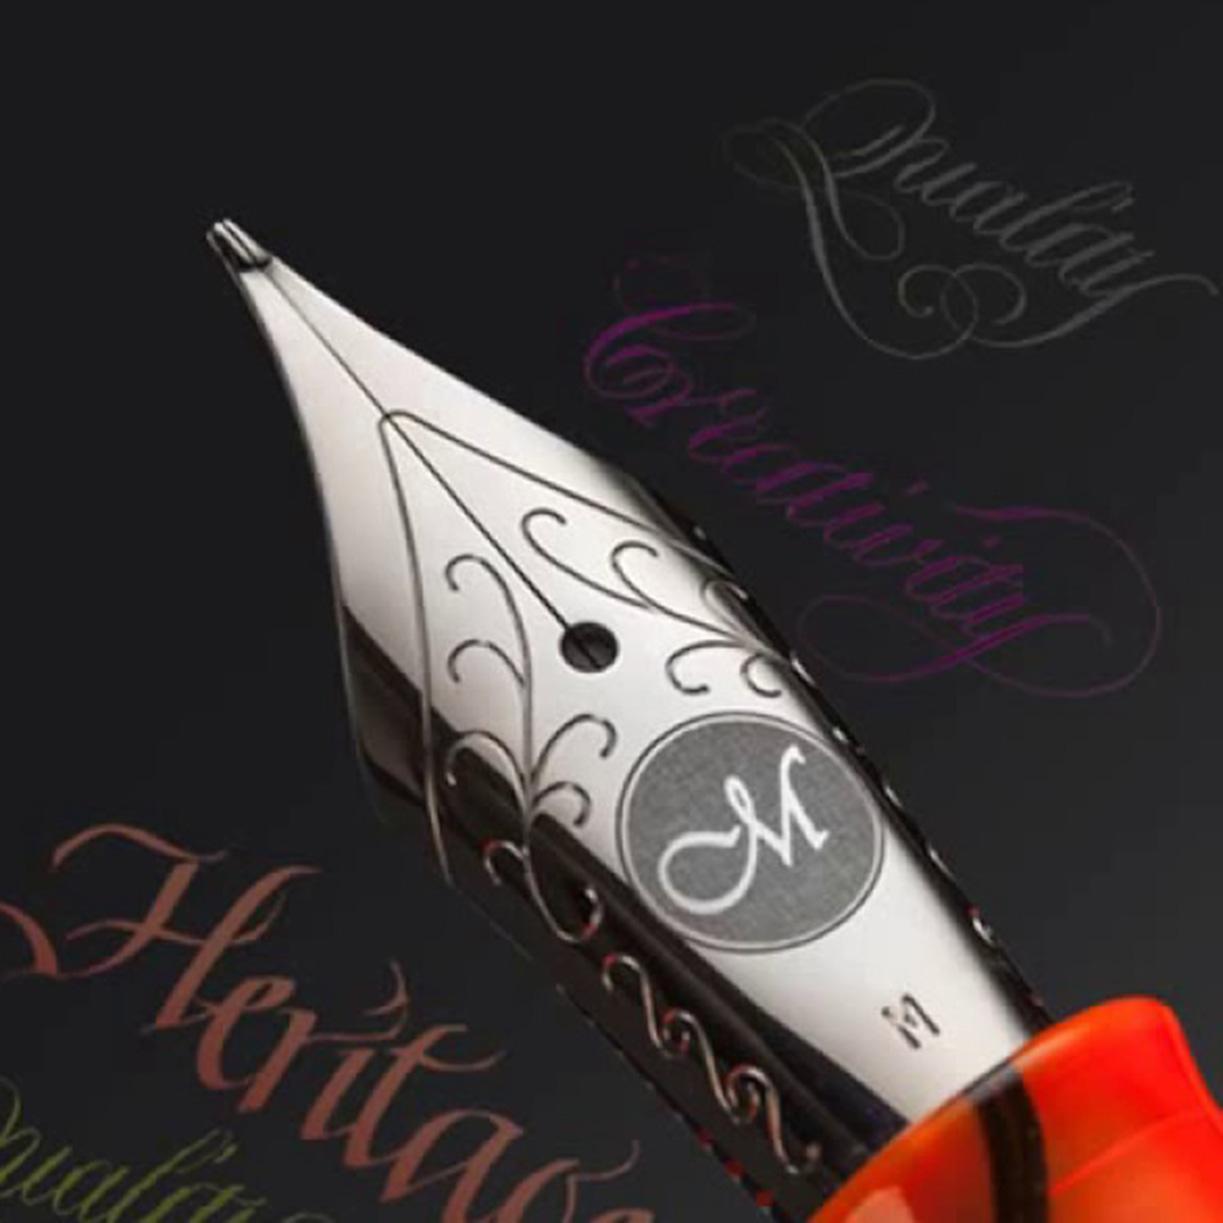 Manuscript Pen Co. U.S. Ambassador